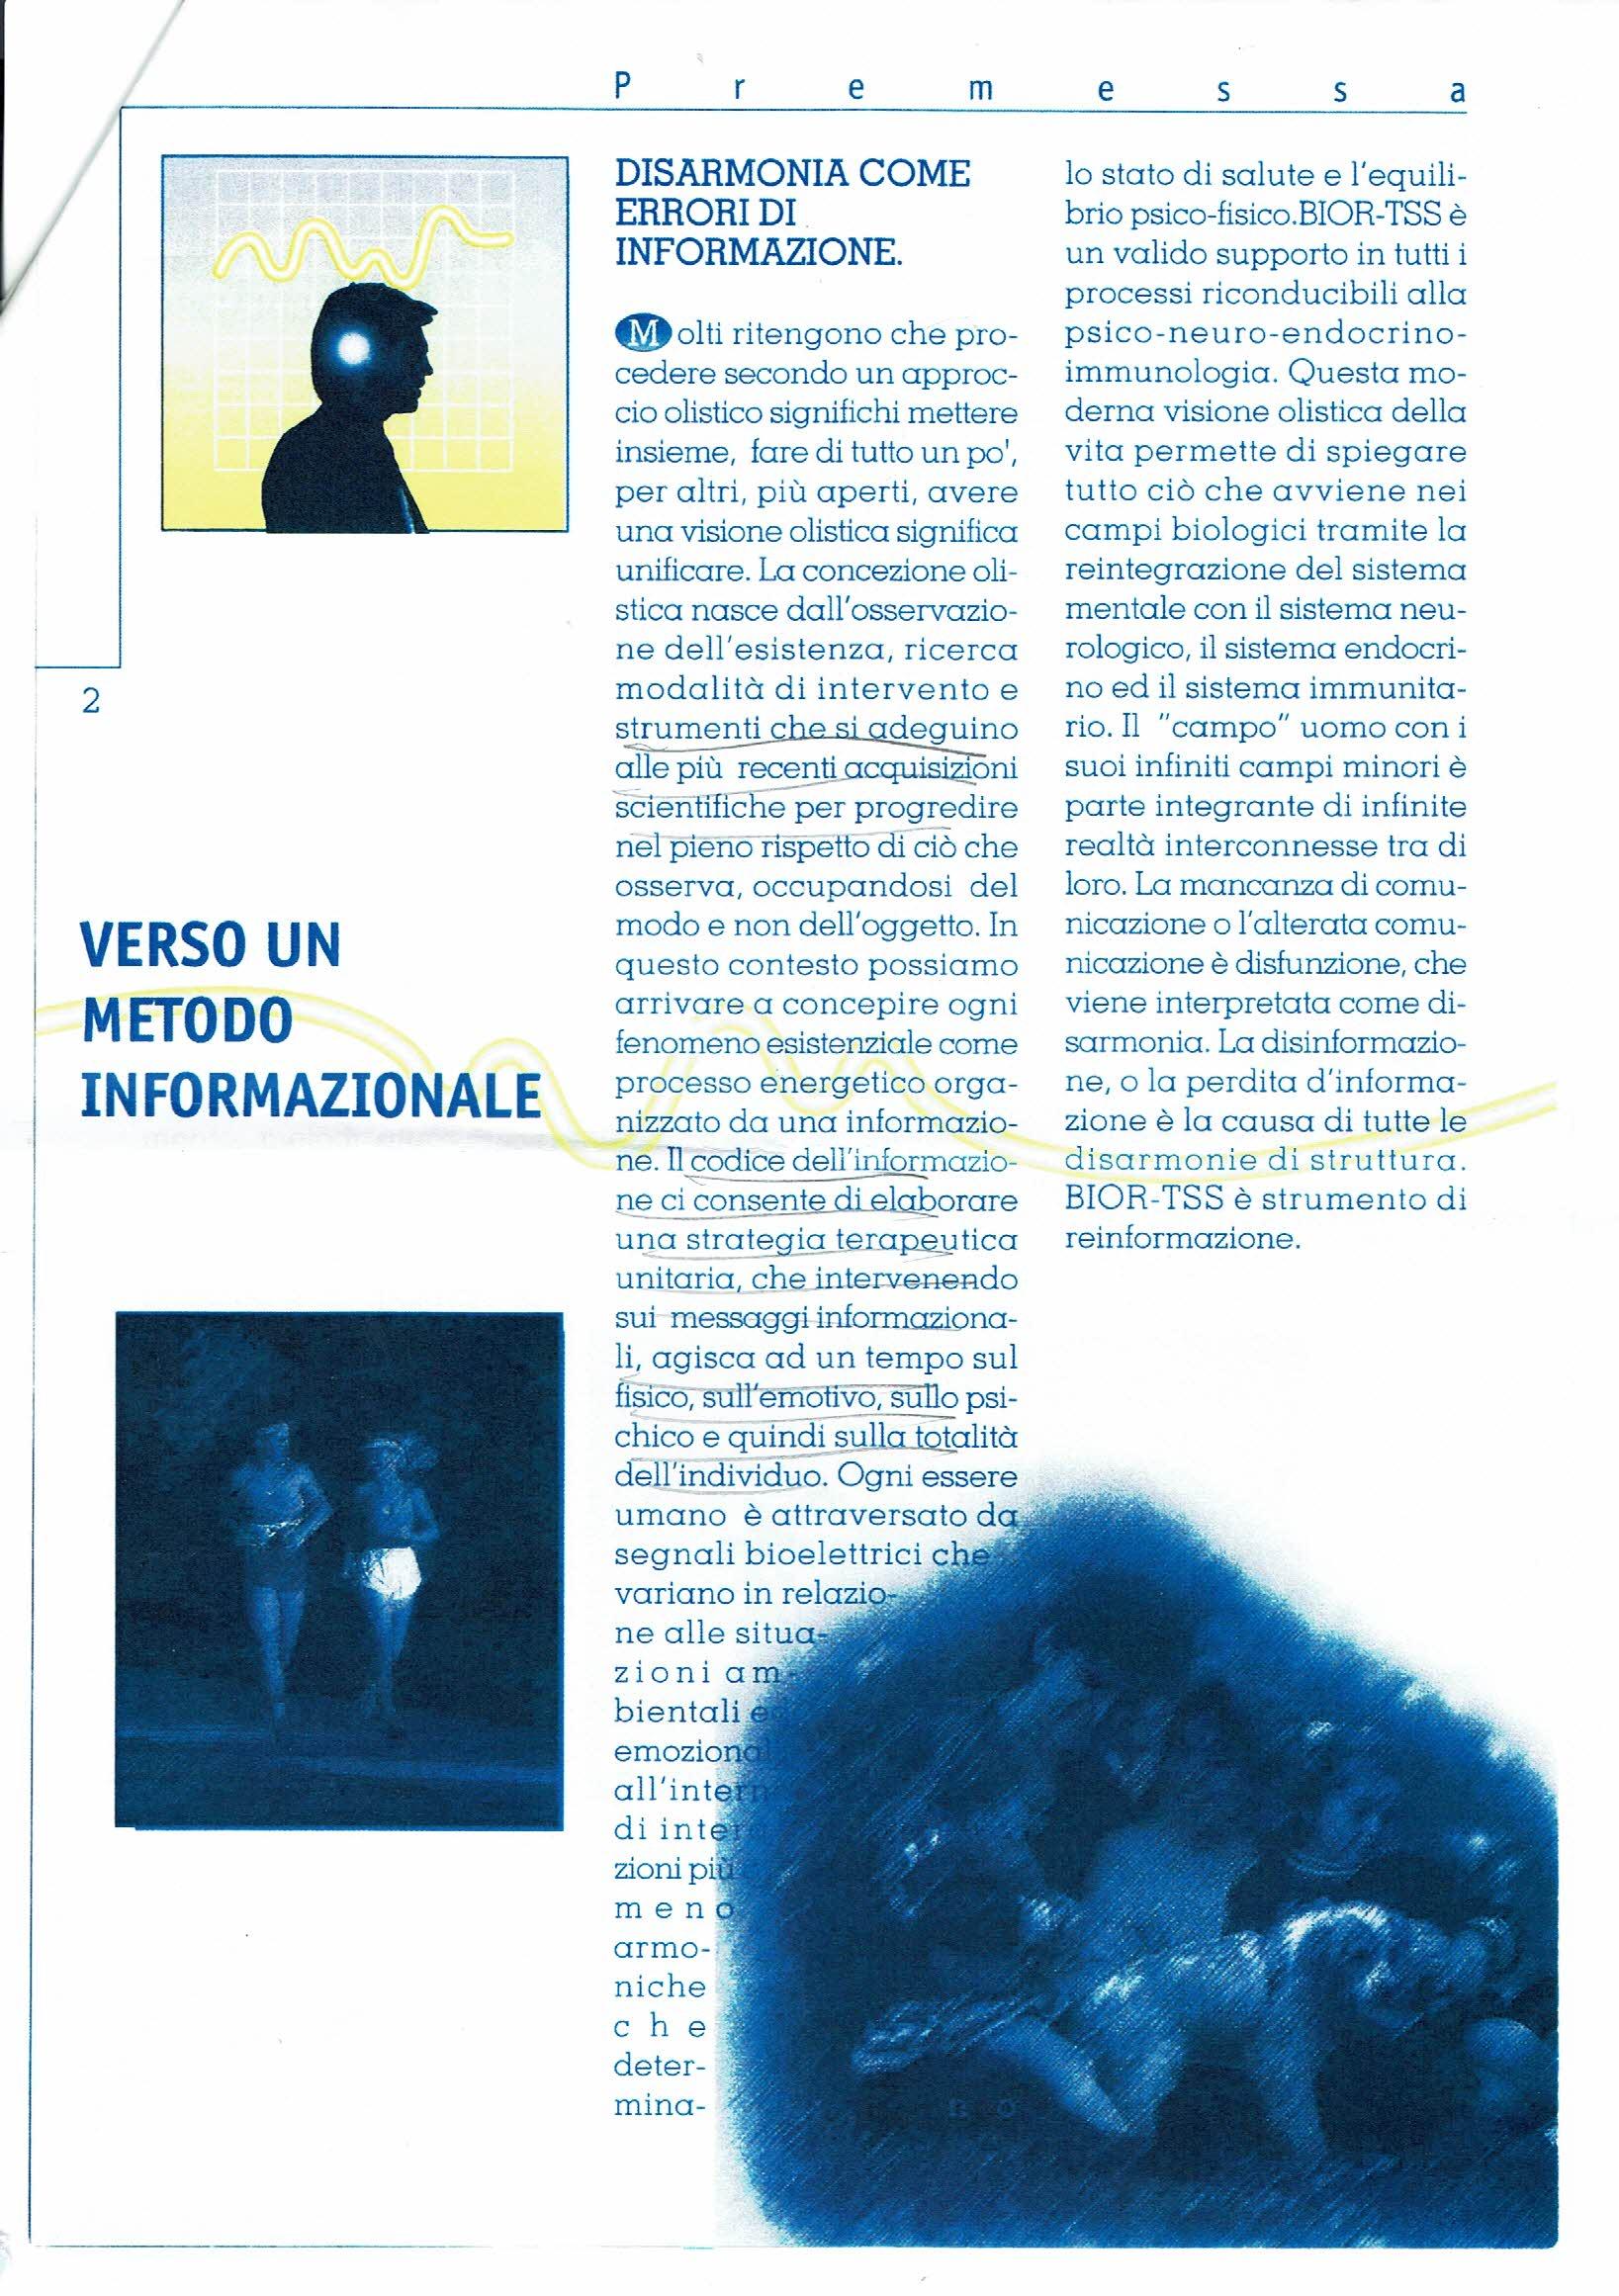 LaboratorioAura Laura Mancini Tamburini